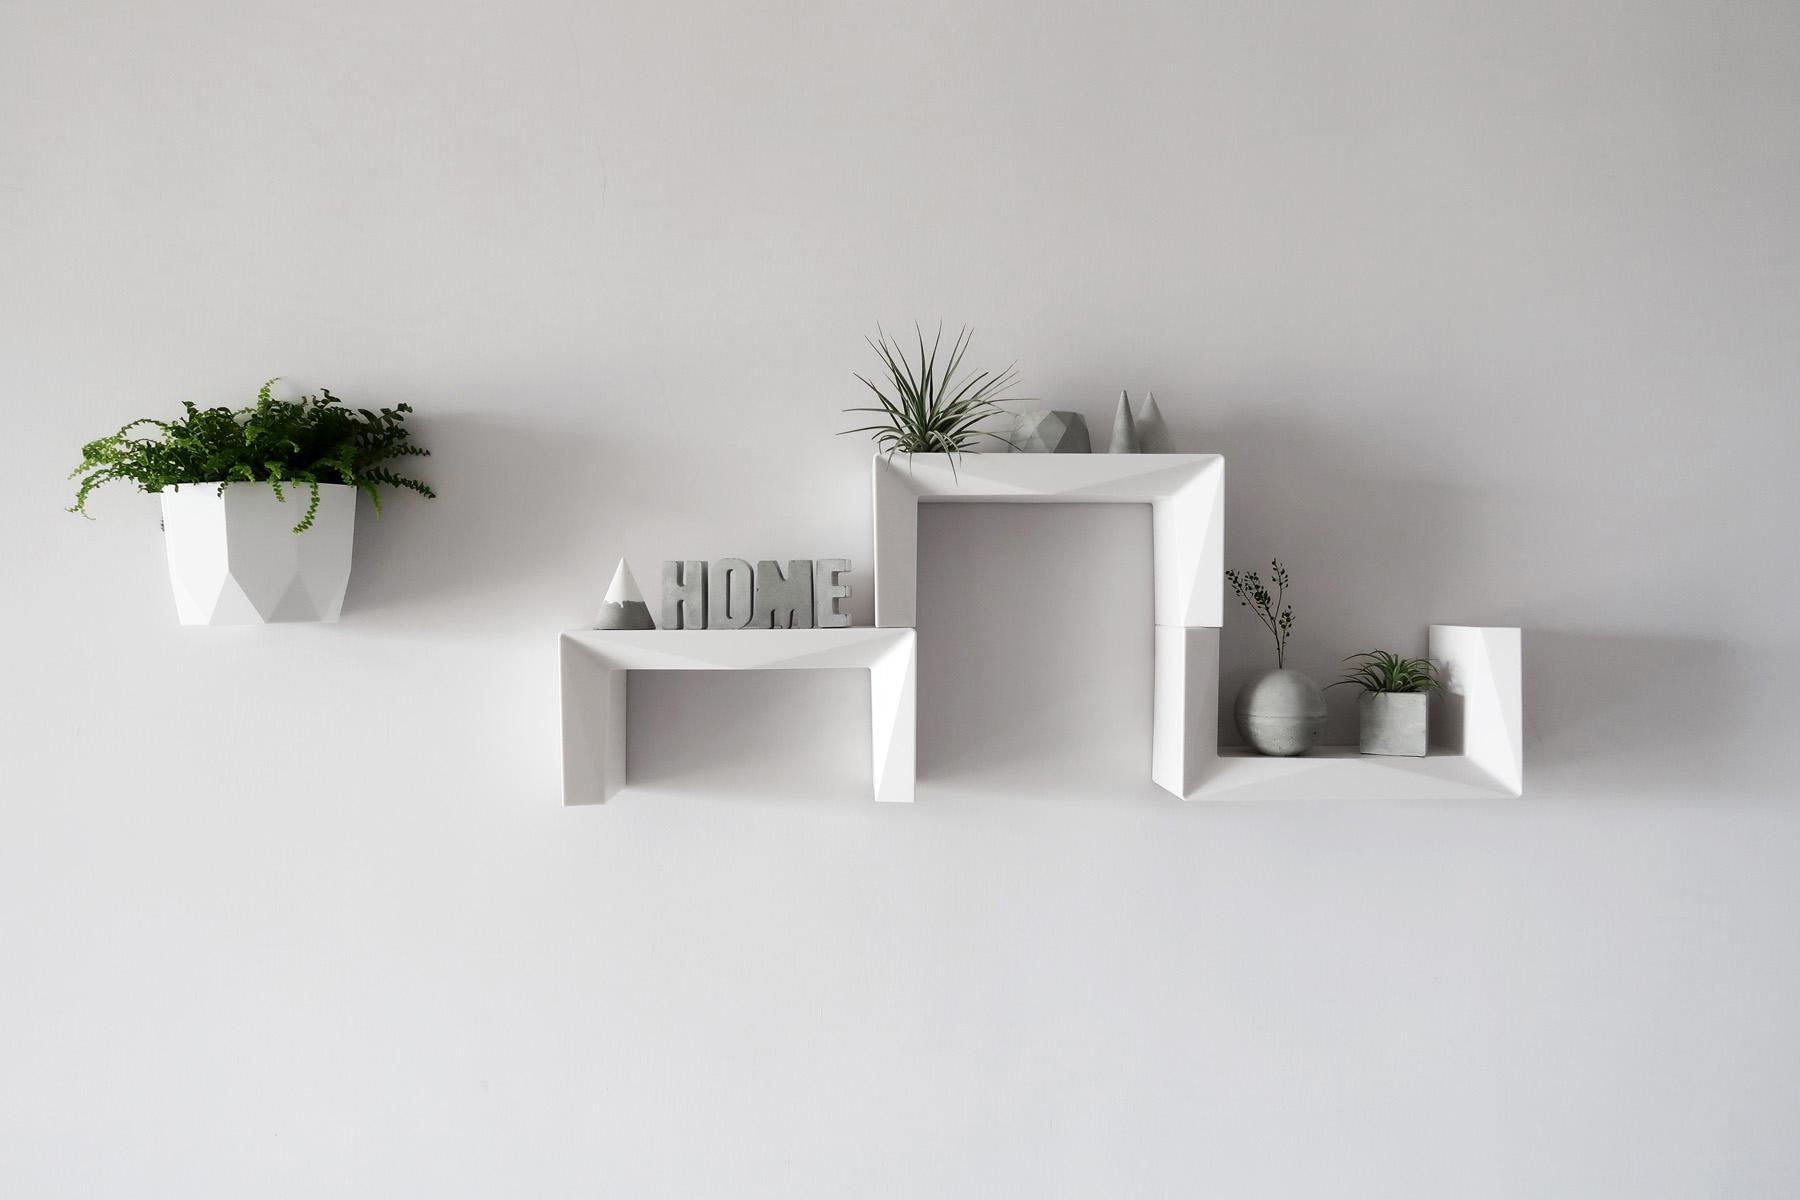 DIY 居家佈置 / 幾何美學・3M 無痕置物收納 - Sept5 完成